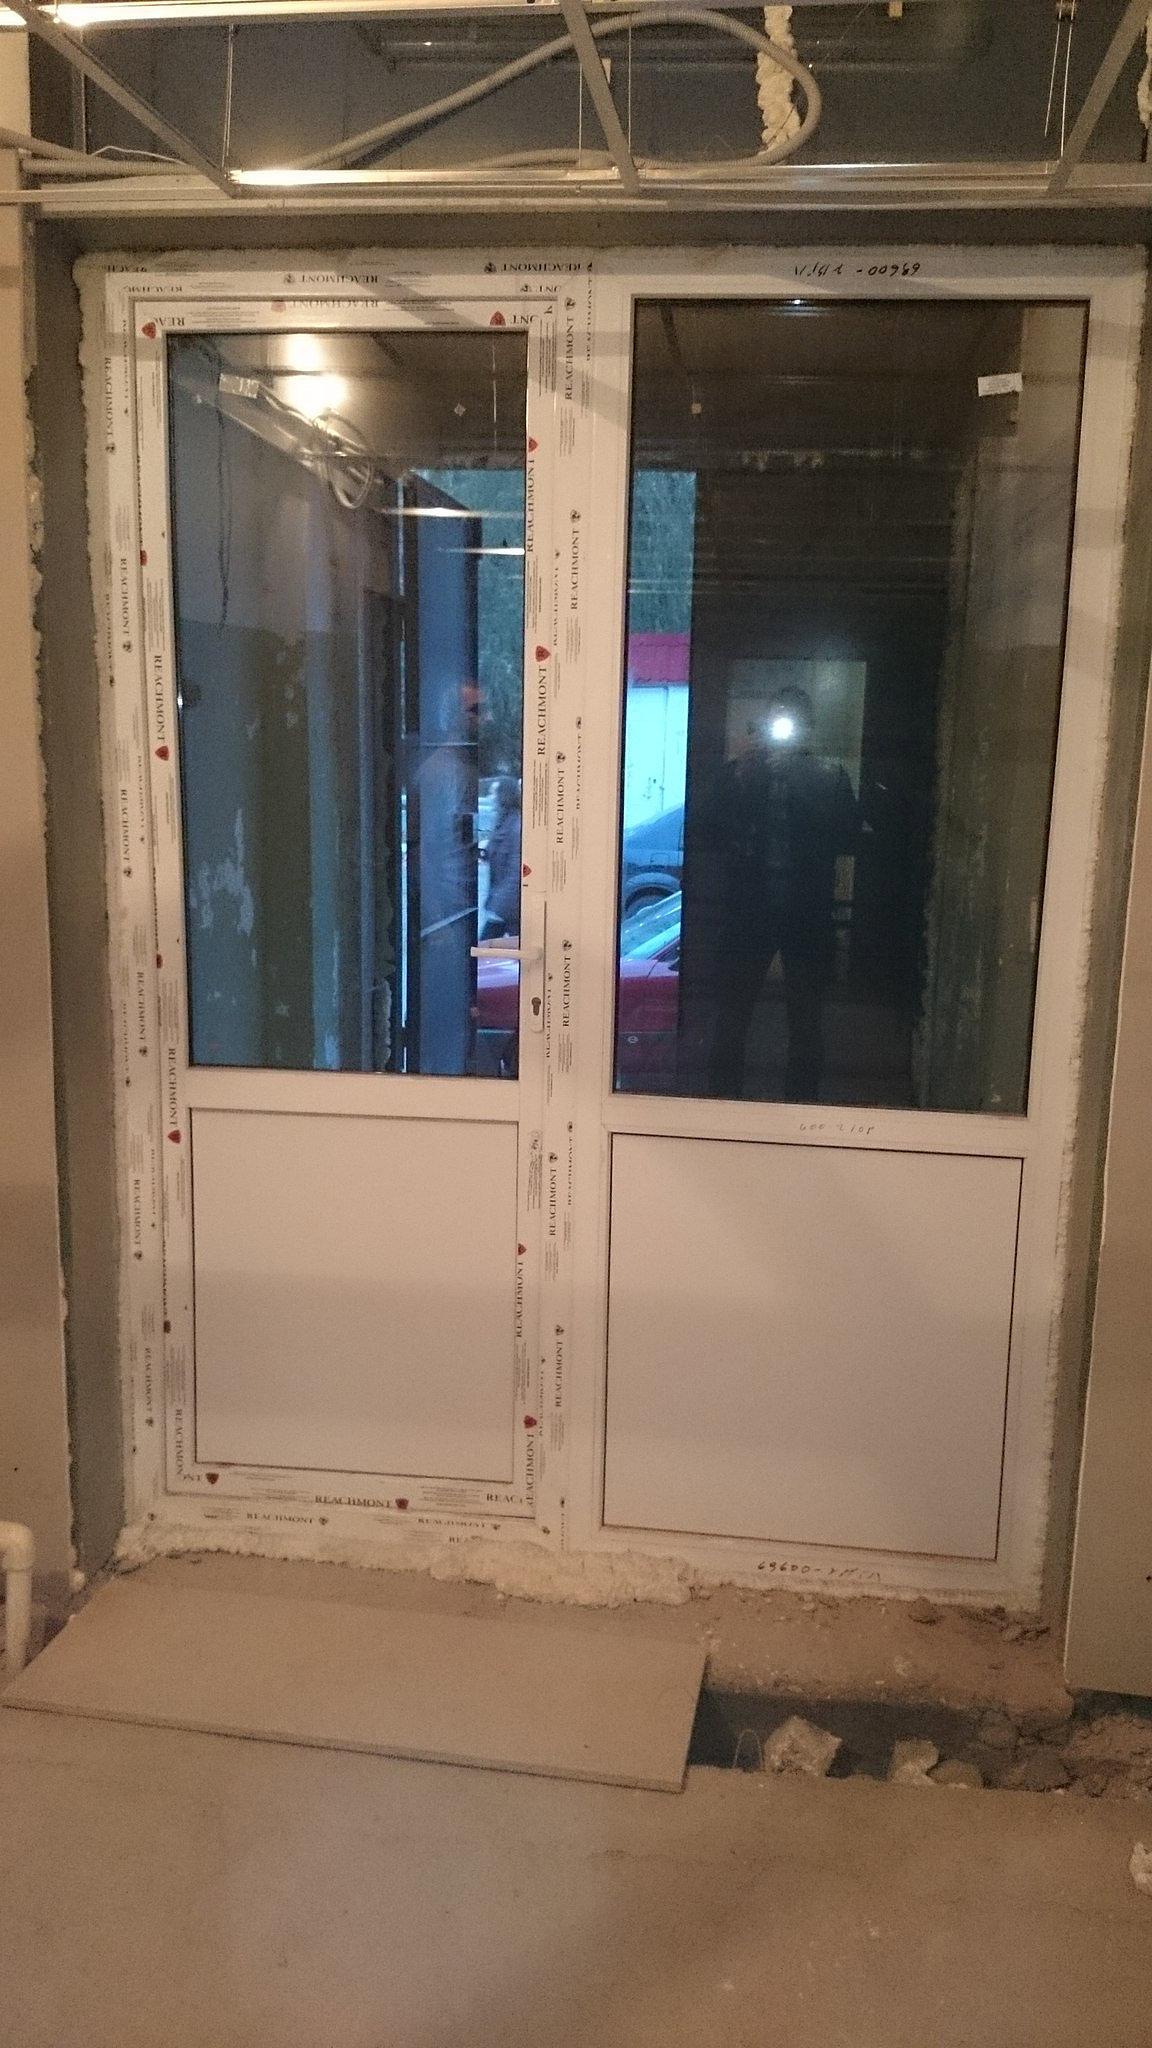 недорогие железные двери долгопрудный